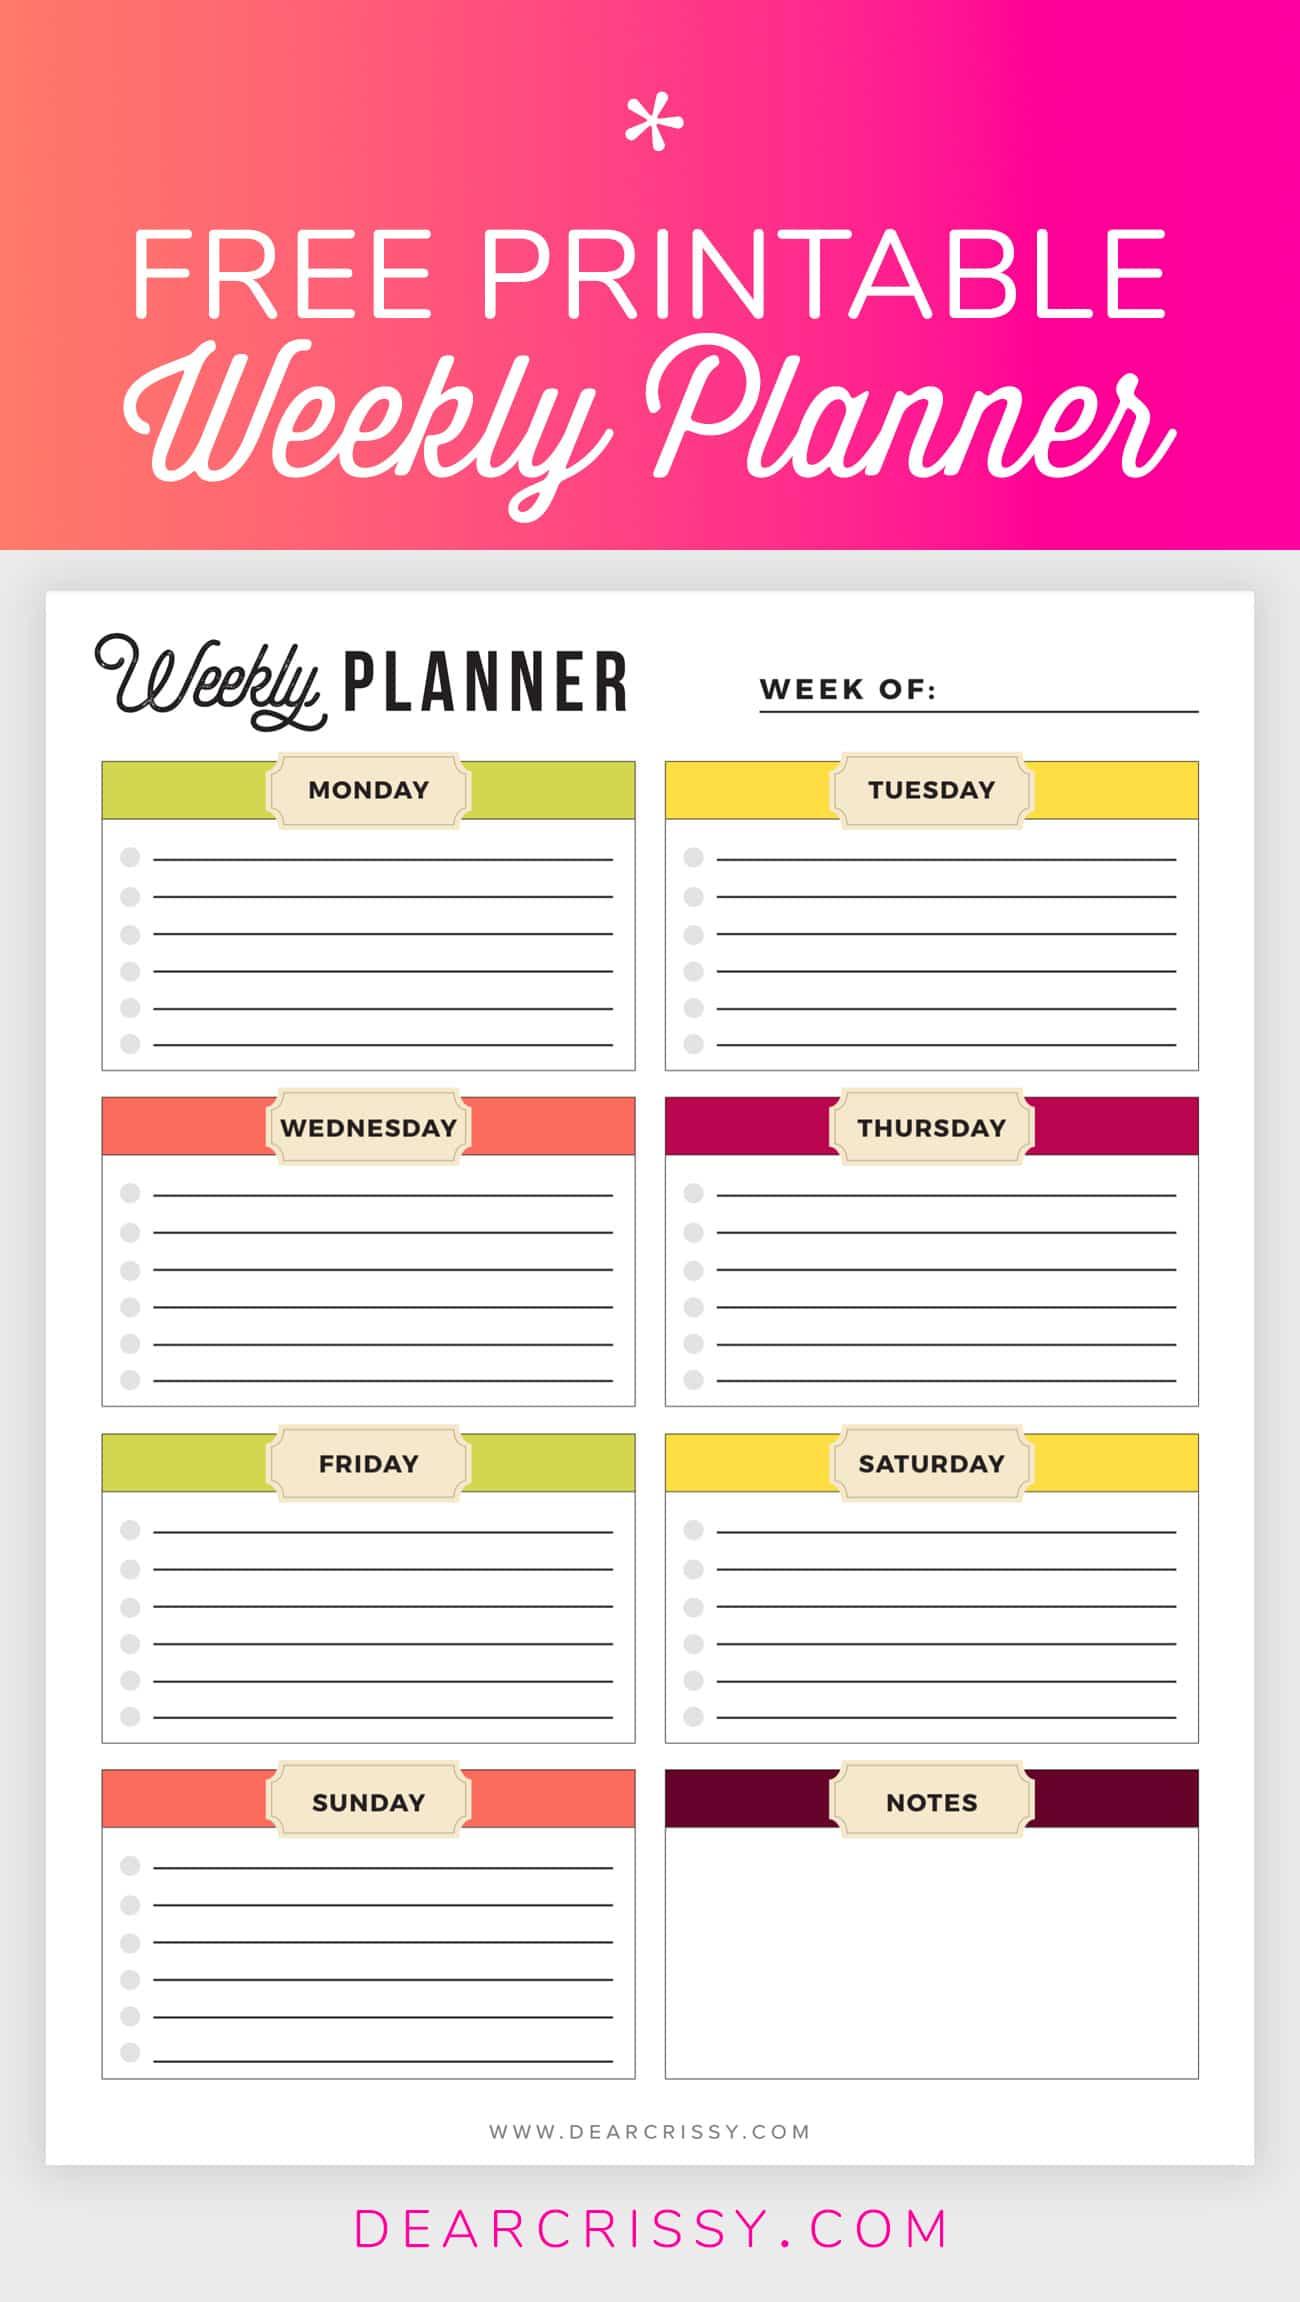 Free Printable Weekly Planner - Weekly Planner Printable!